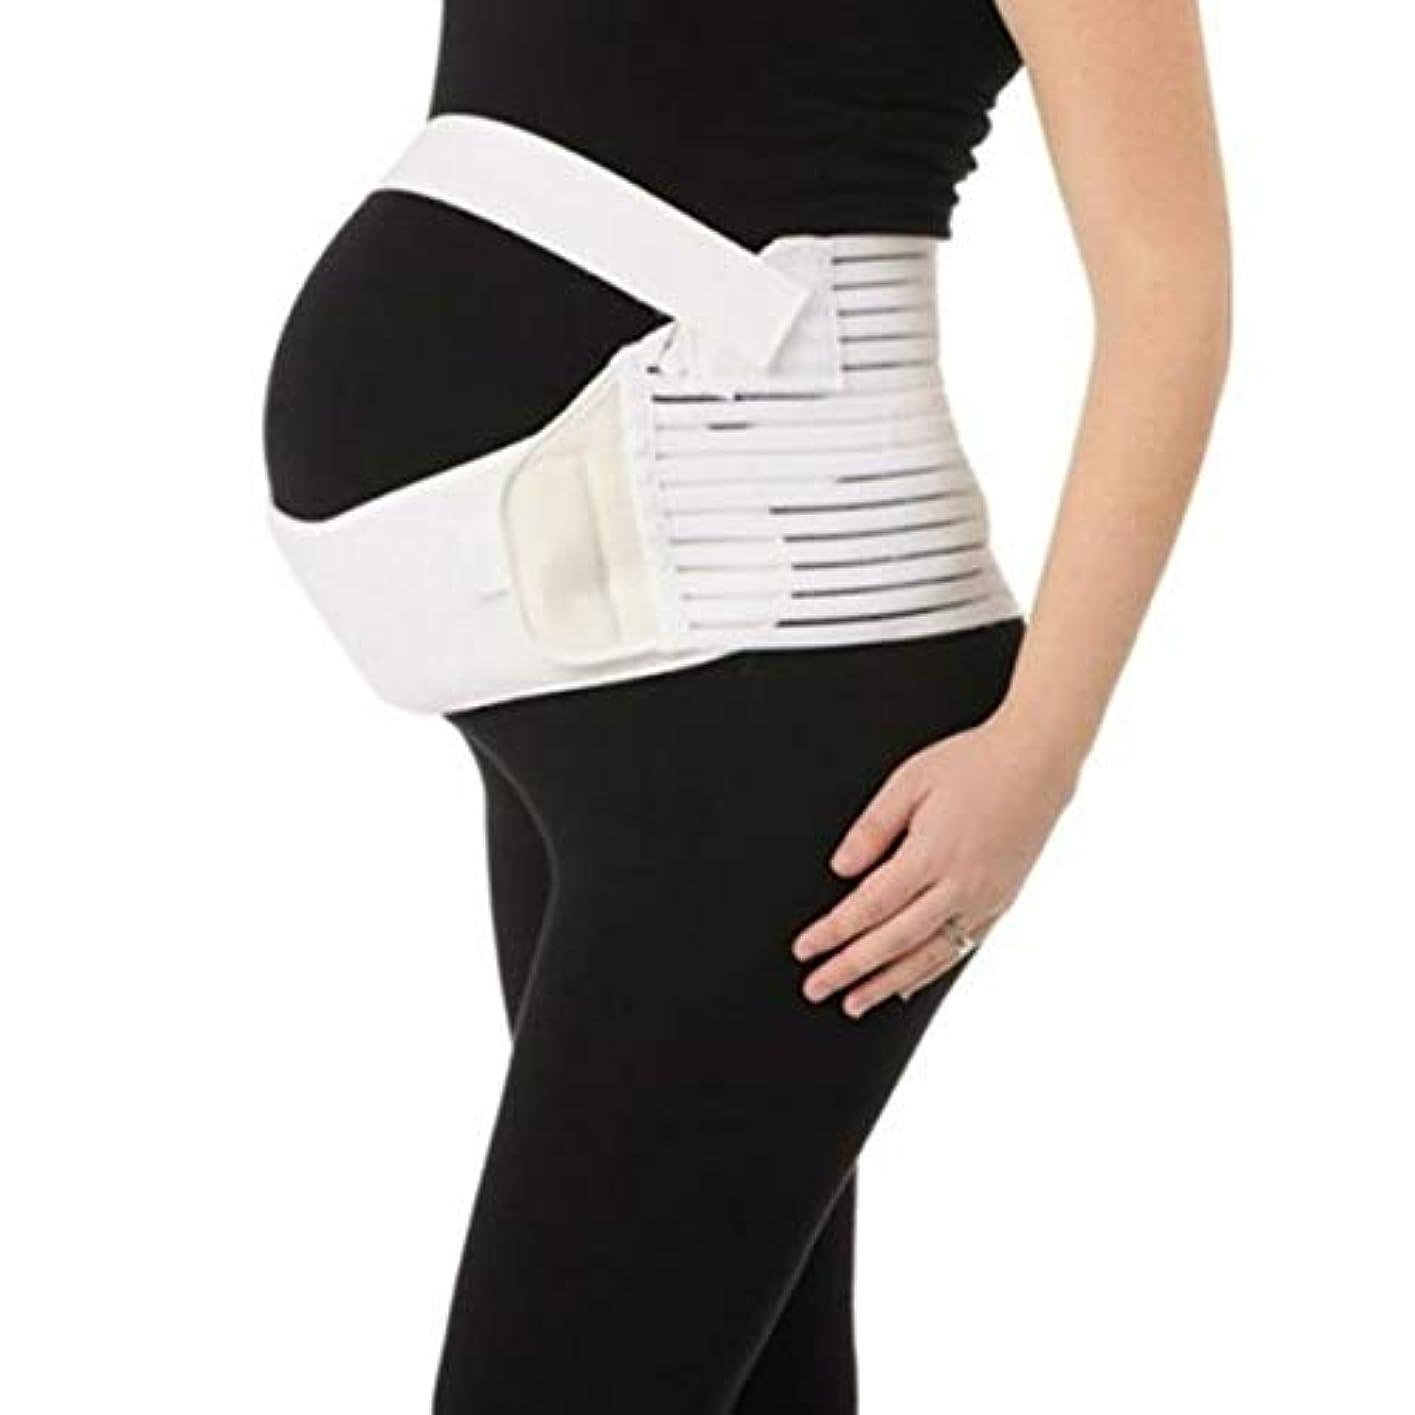 液体単に金曜日通気性マタニティベルト妊娠腹部サポート腹部バインダーガードル運動包帯産後回復形状ウェア - ホワイトXL